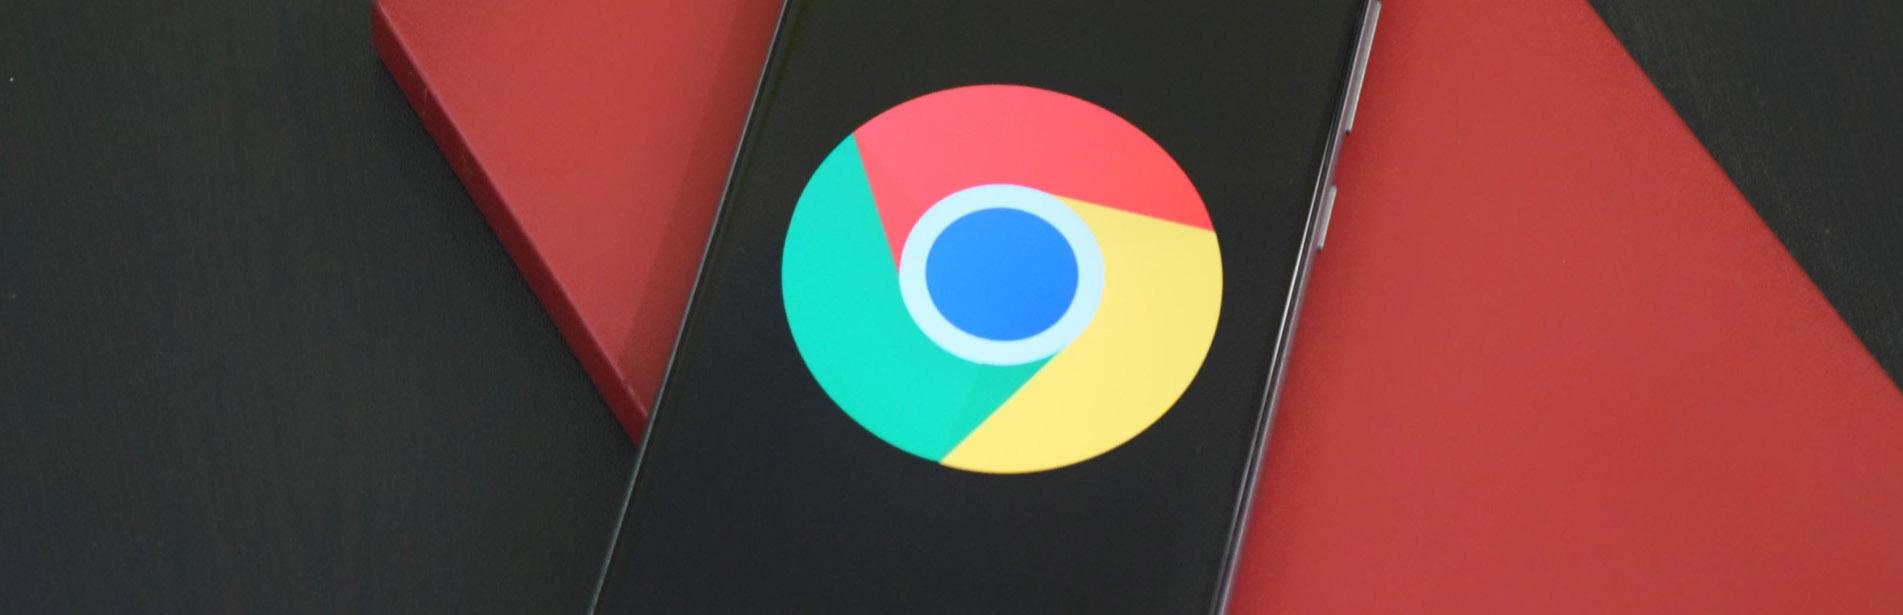 Chrome86